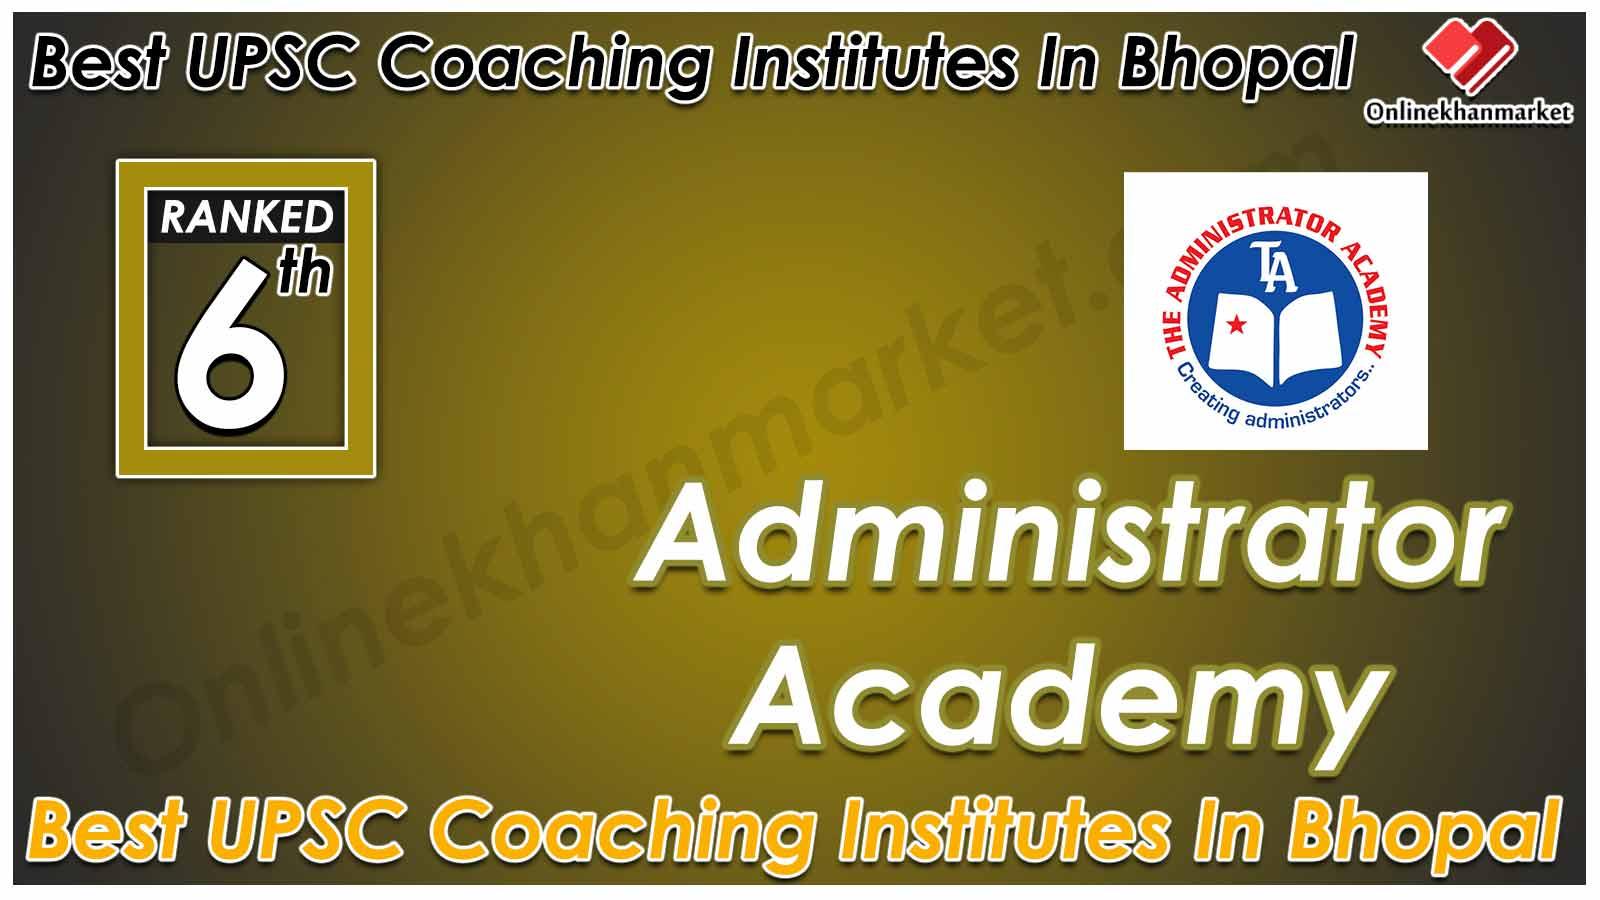 Top UPSC Coaching in Bhopal